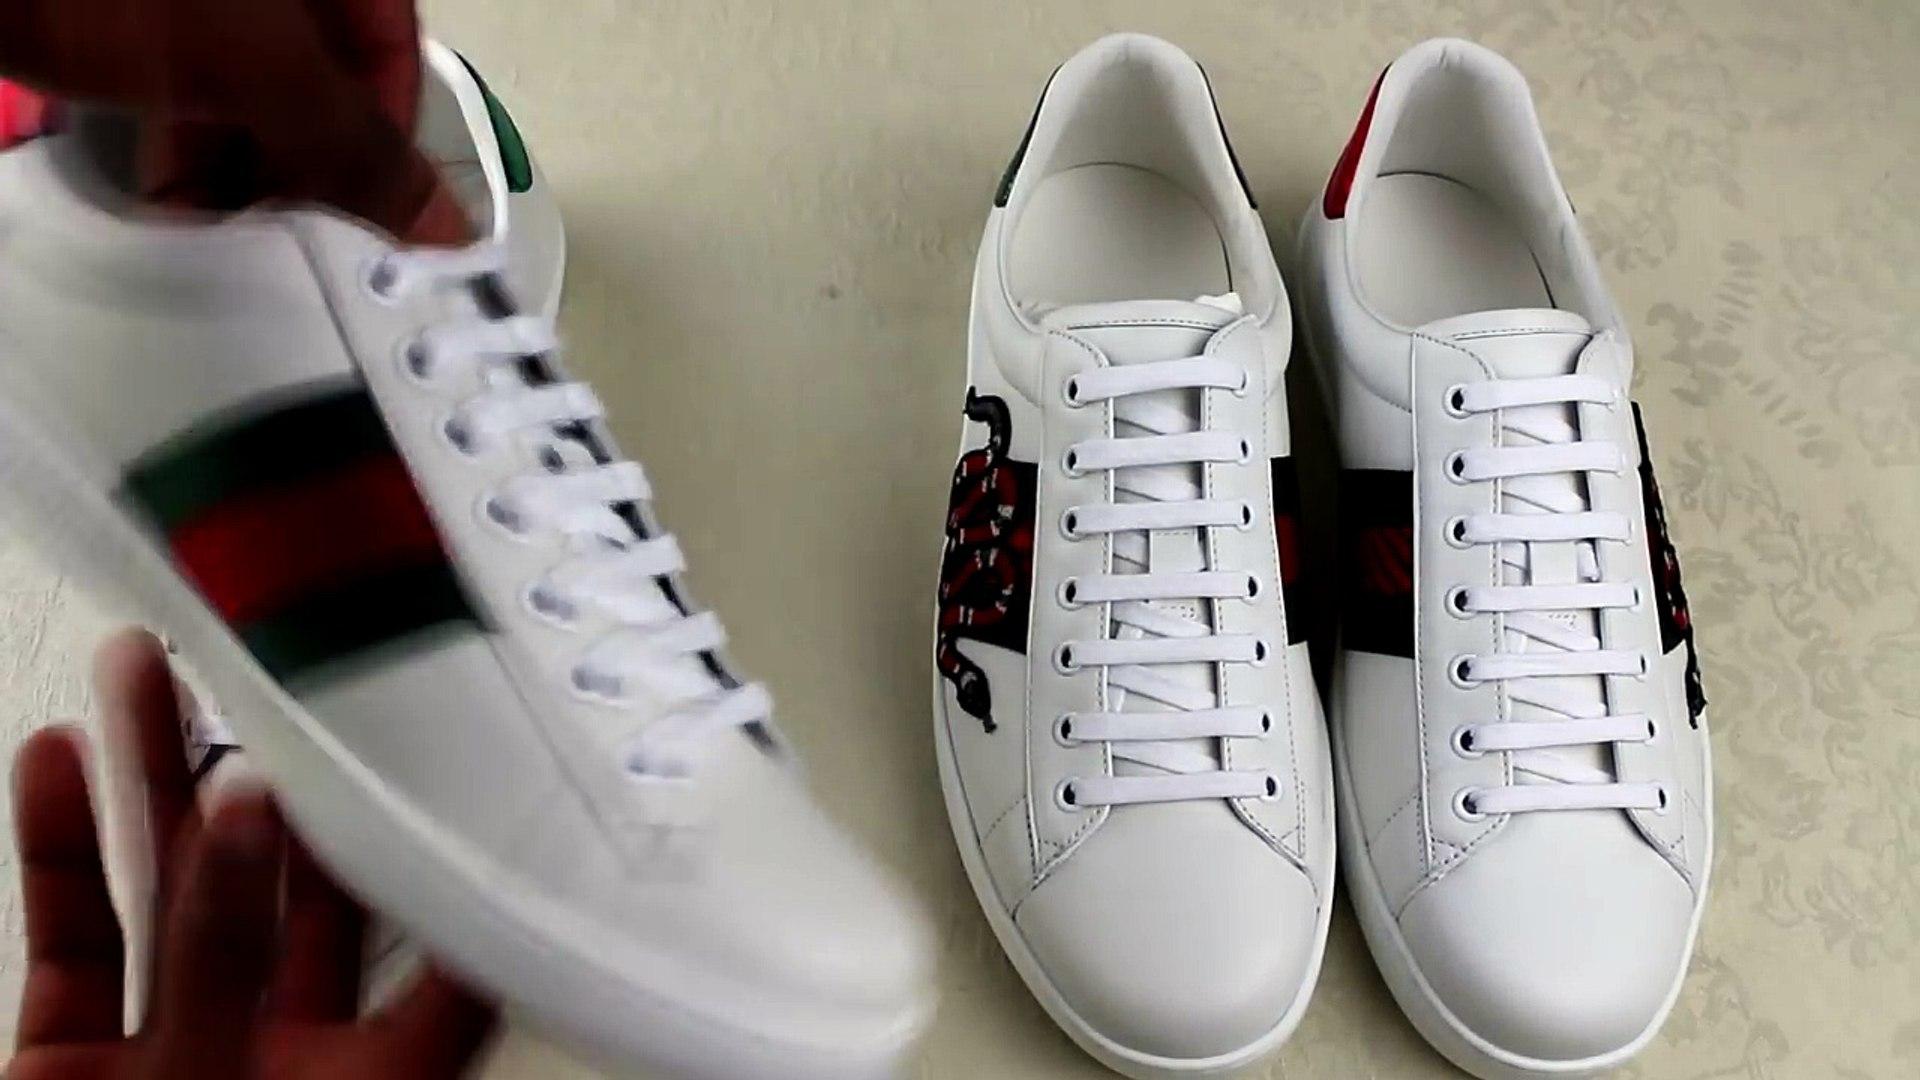 Gucci Ace Sneakers Legit Check   Authentic vs Replica Gucci Review Guide